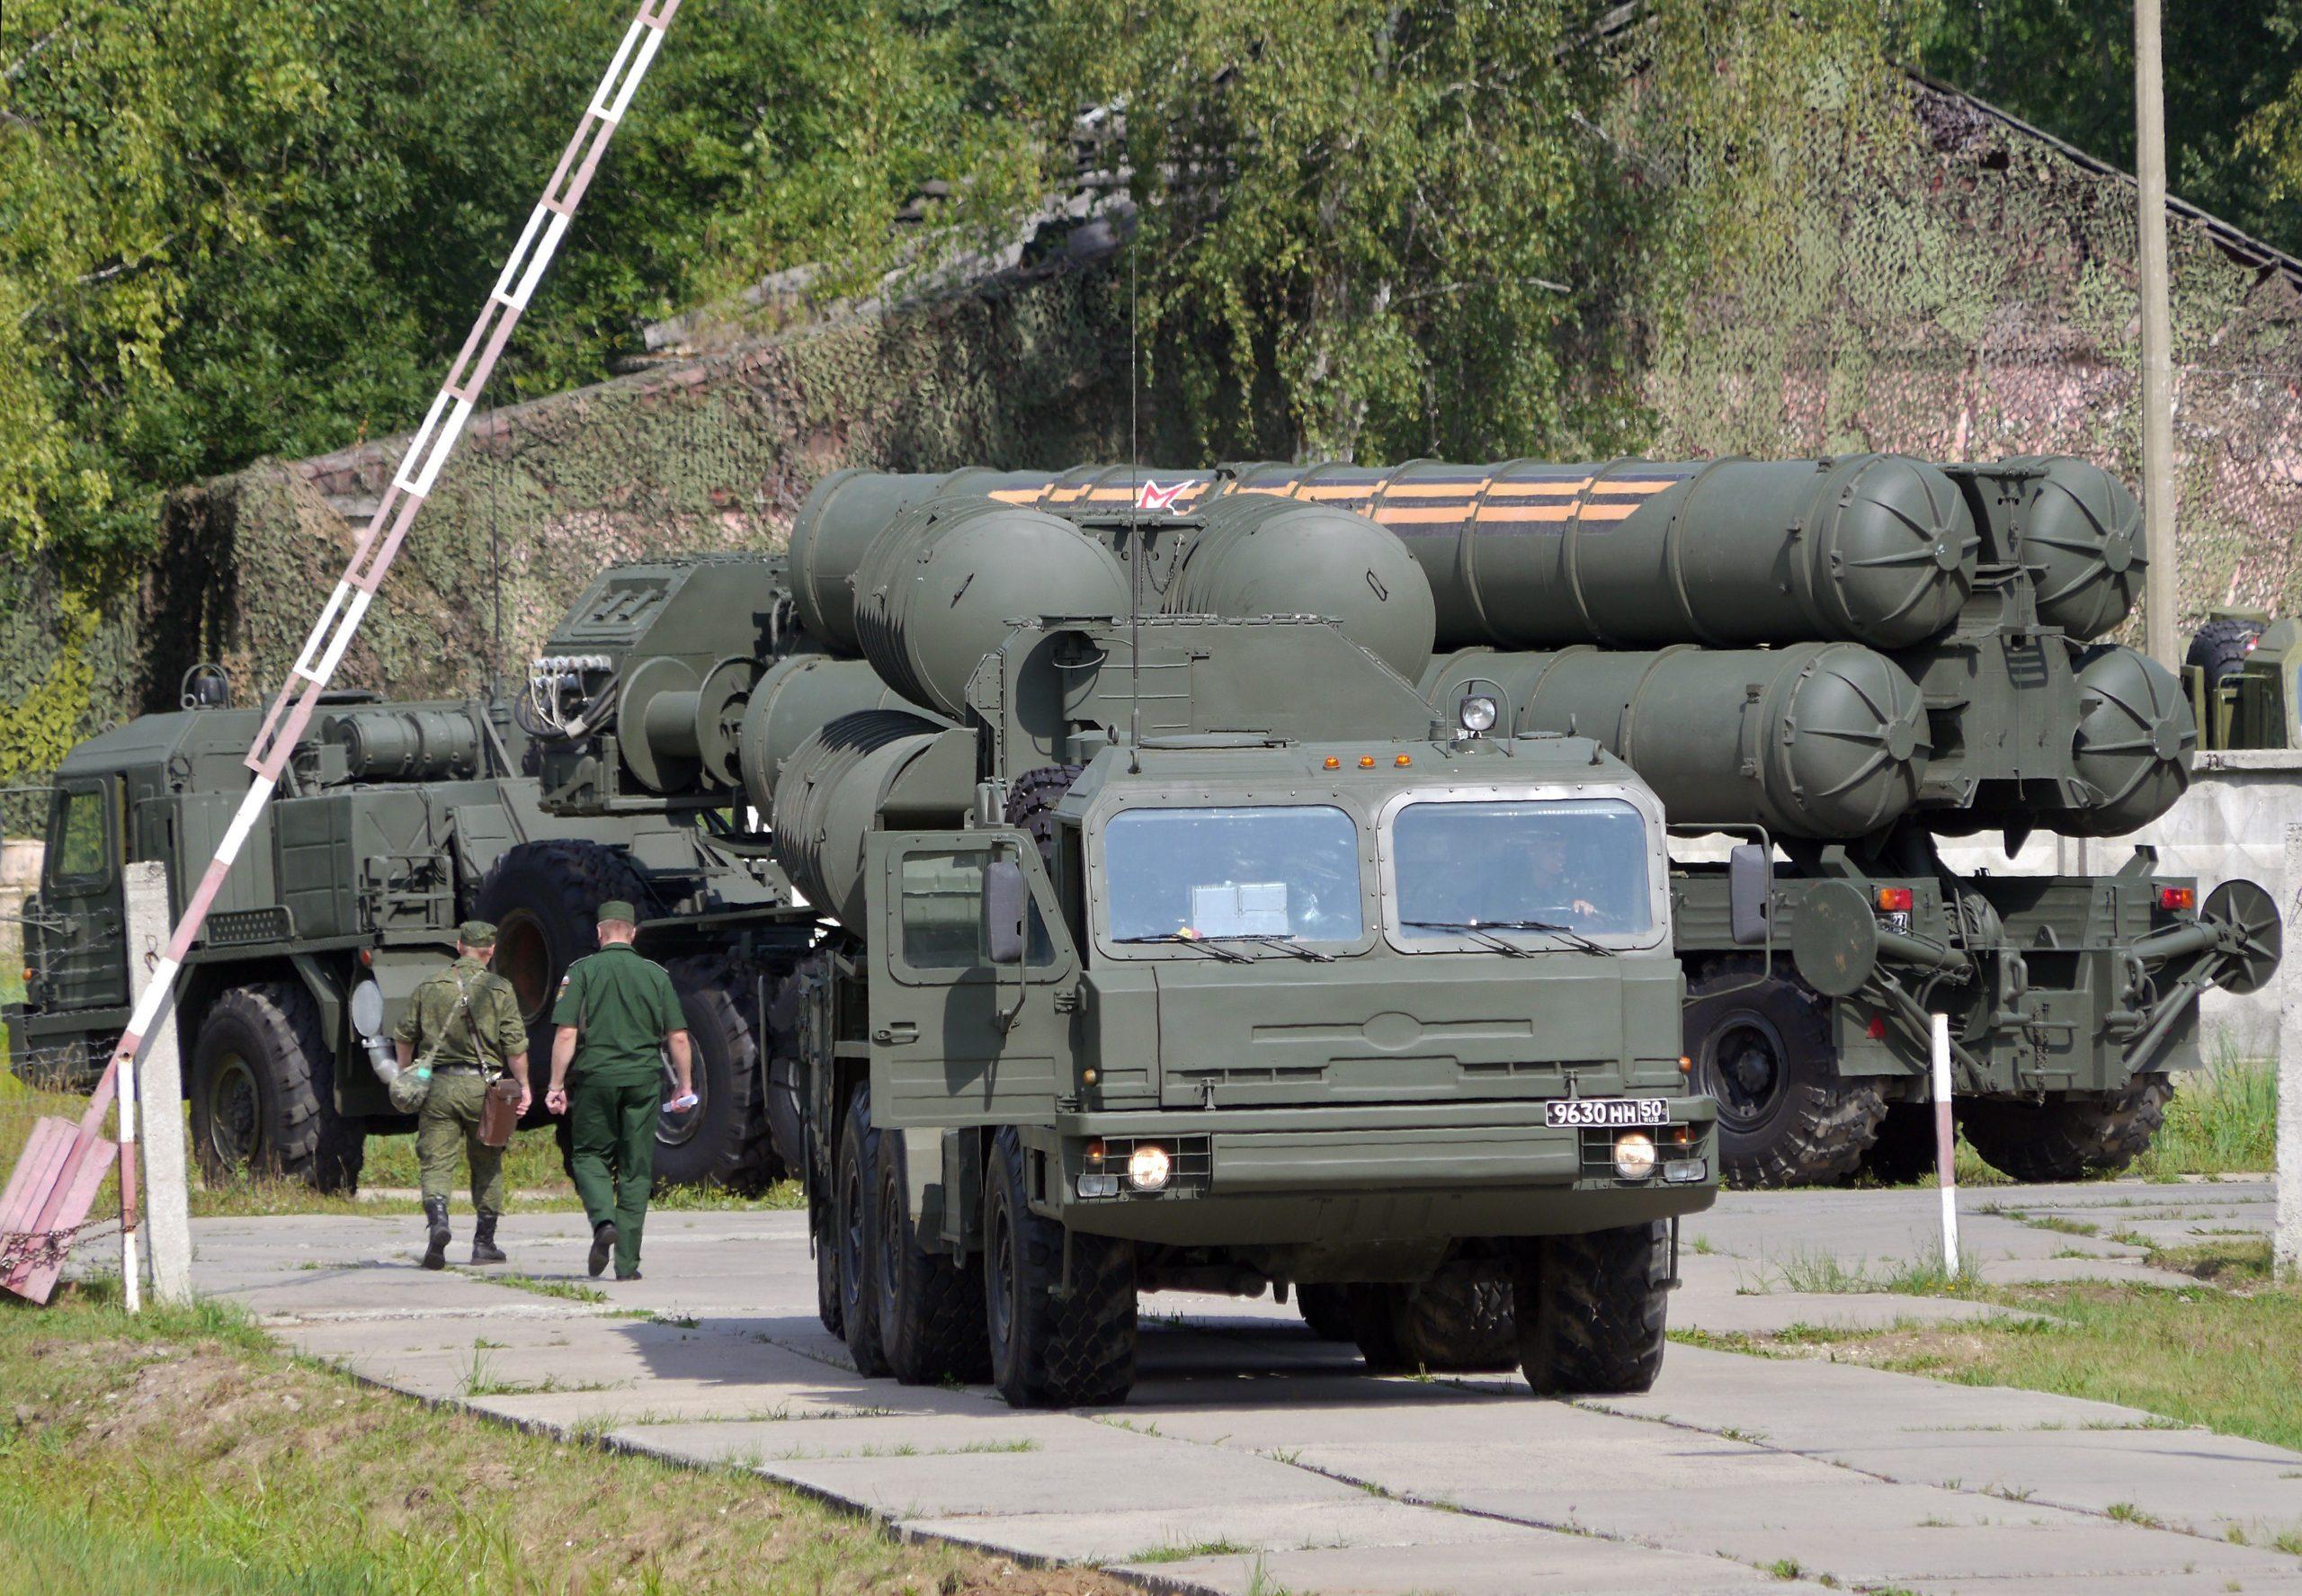 Зенитный ракетный полк ВКС, защищающий Москву, провёл учения ПВО